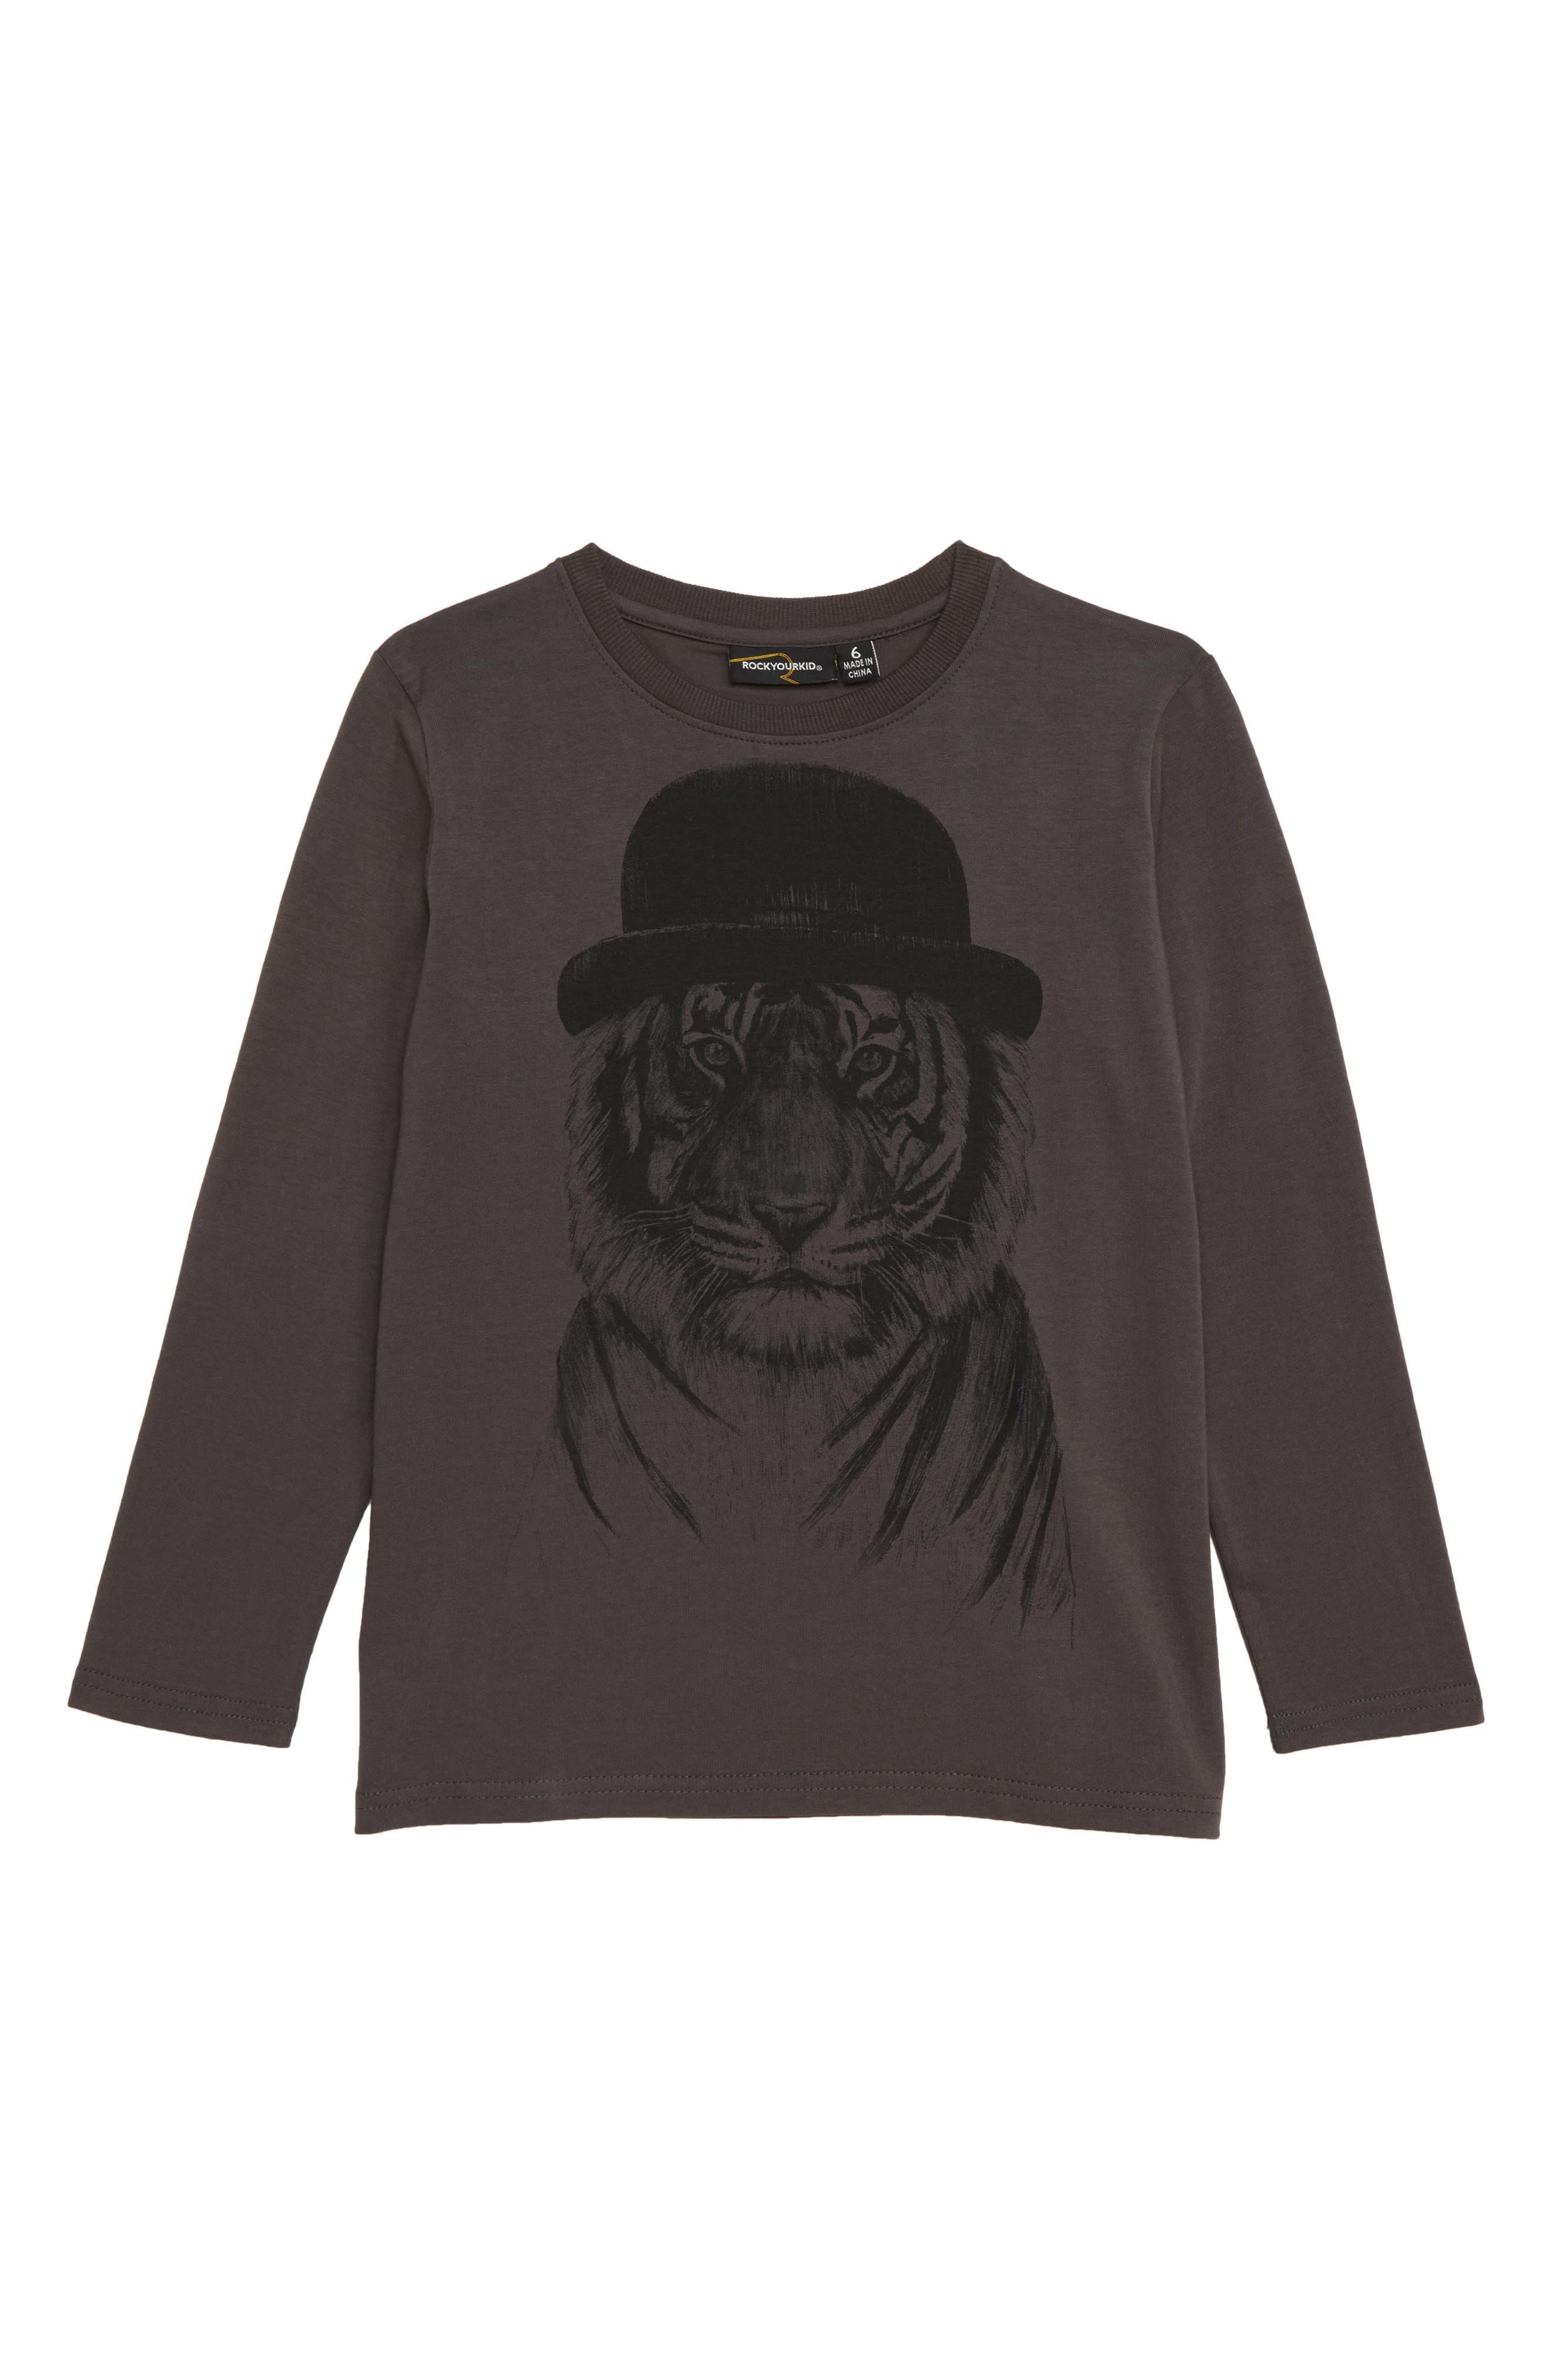 Sir T-Shirt,                             Main thumbnail 1, color,                             020